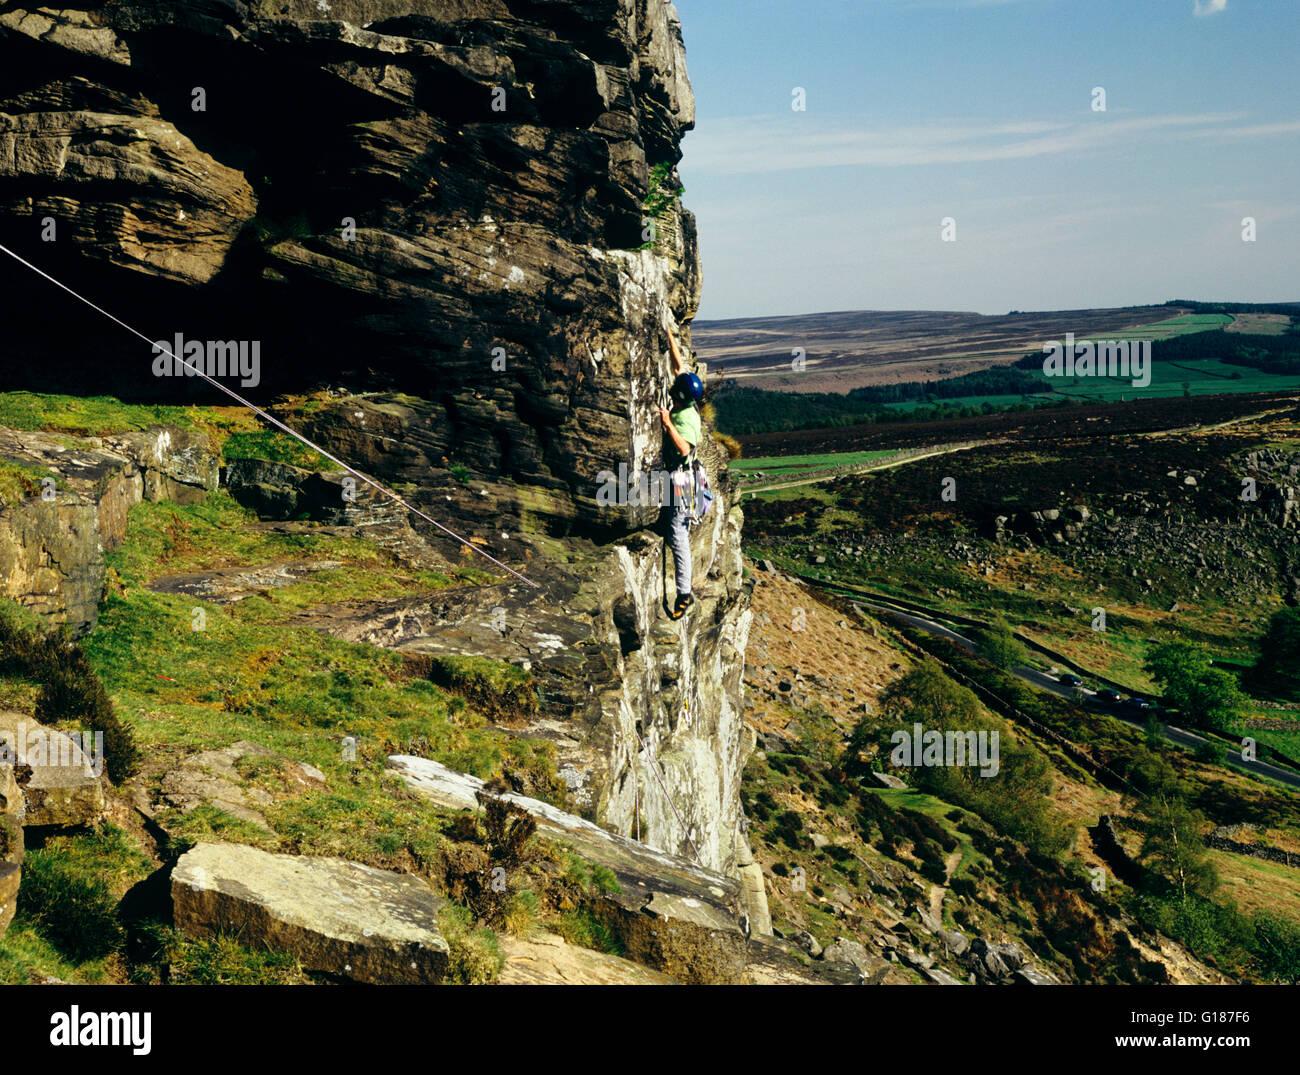 Mann Klettern Peapod eine schwere anspruchsvollen Aufstieg am Curbar Rand Peak District Derbyshire England UK angeseilt, Stockbild